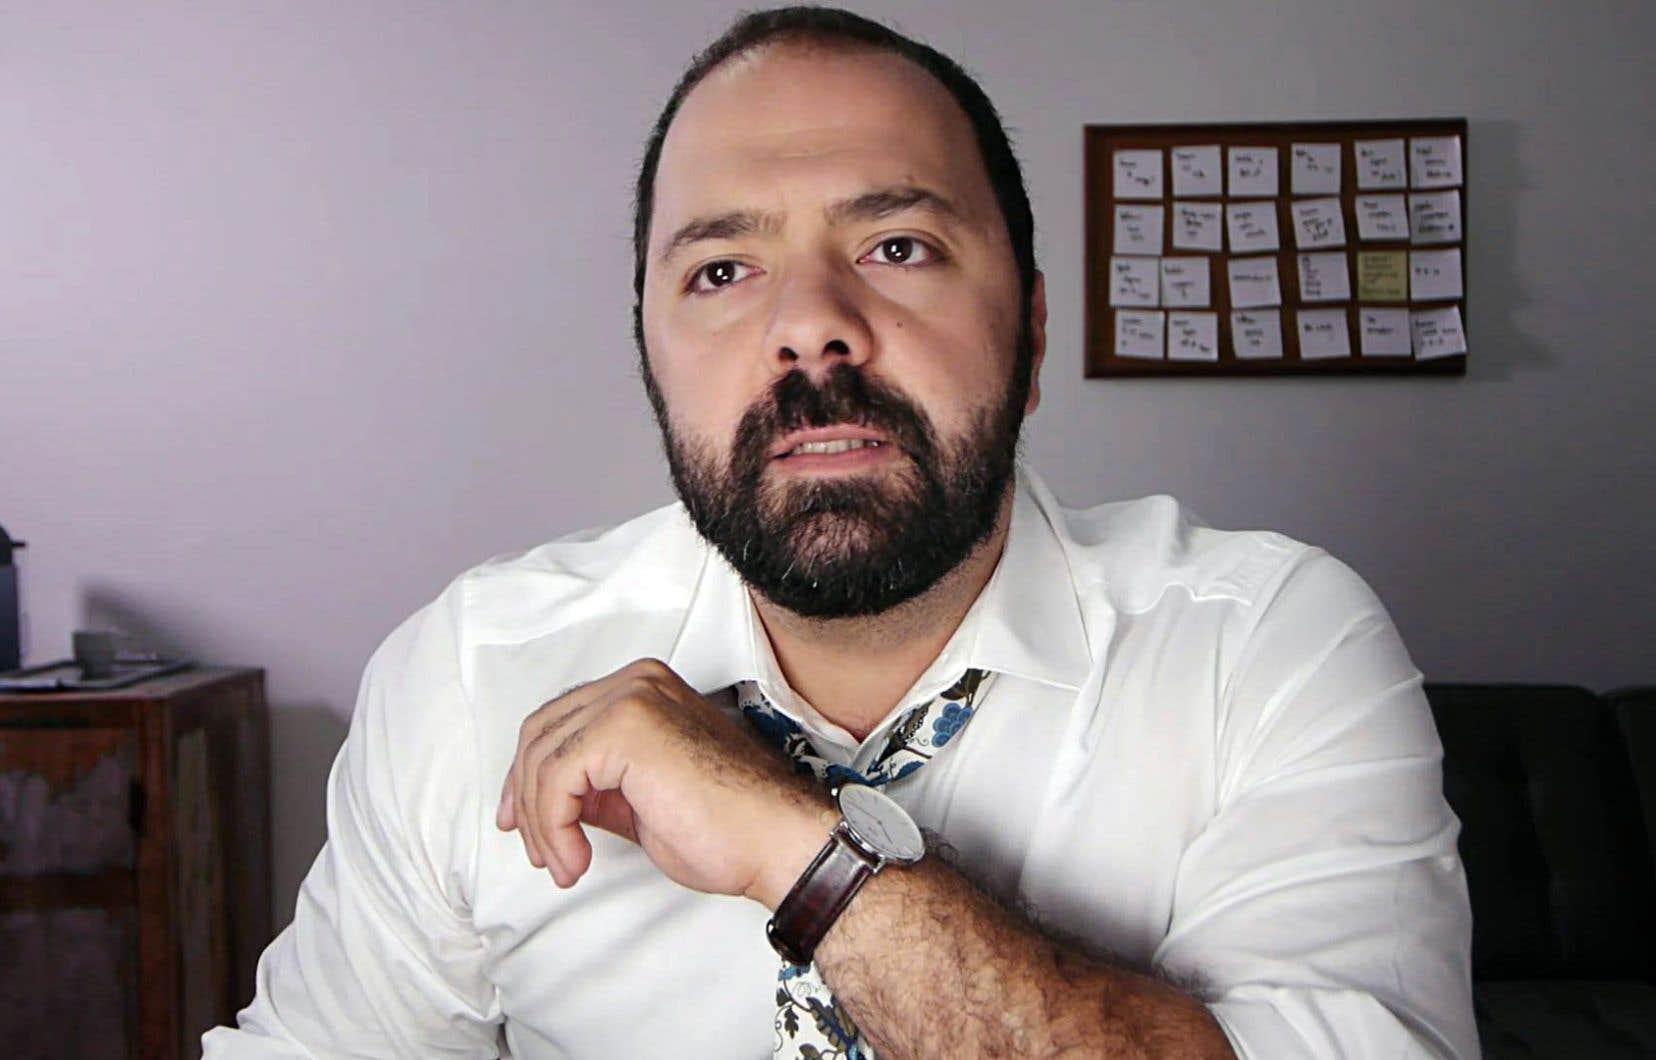 Le rôle du père, Québécois d'origine iranienne qui part vivre à Paris en laissant la garde de sa fille adolescente à sa grand-mère, a été confié à Mani Soleymanlou.